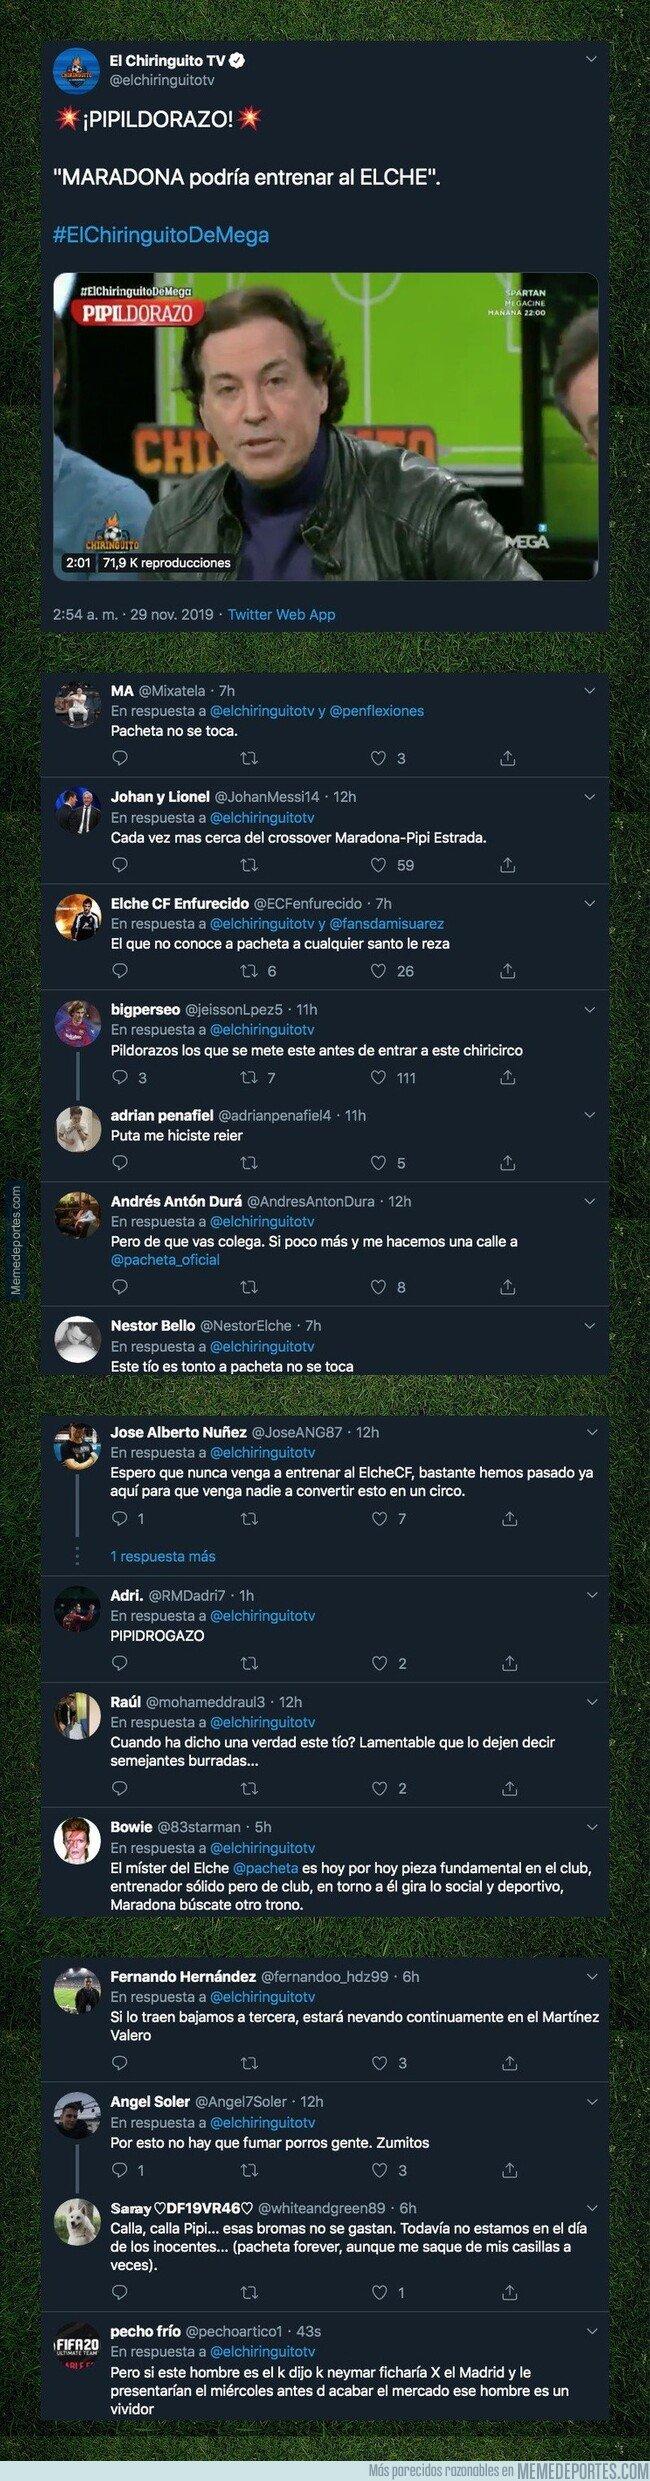 1092284 - Pipi Estrada anuncia quien será el nuevo entrenador del Elche y todo el mundo está alucinando